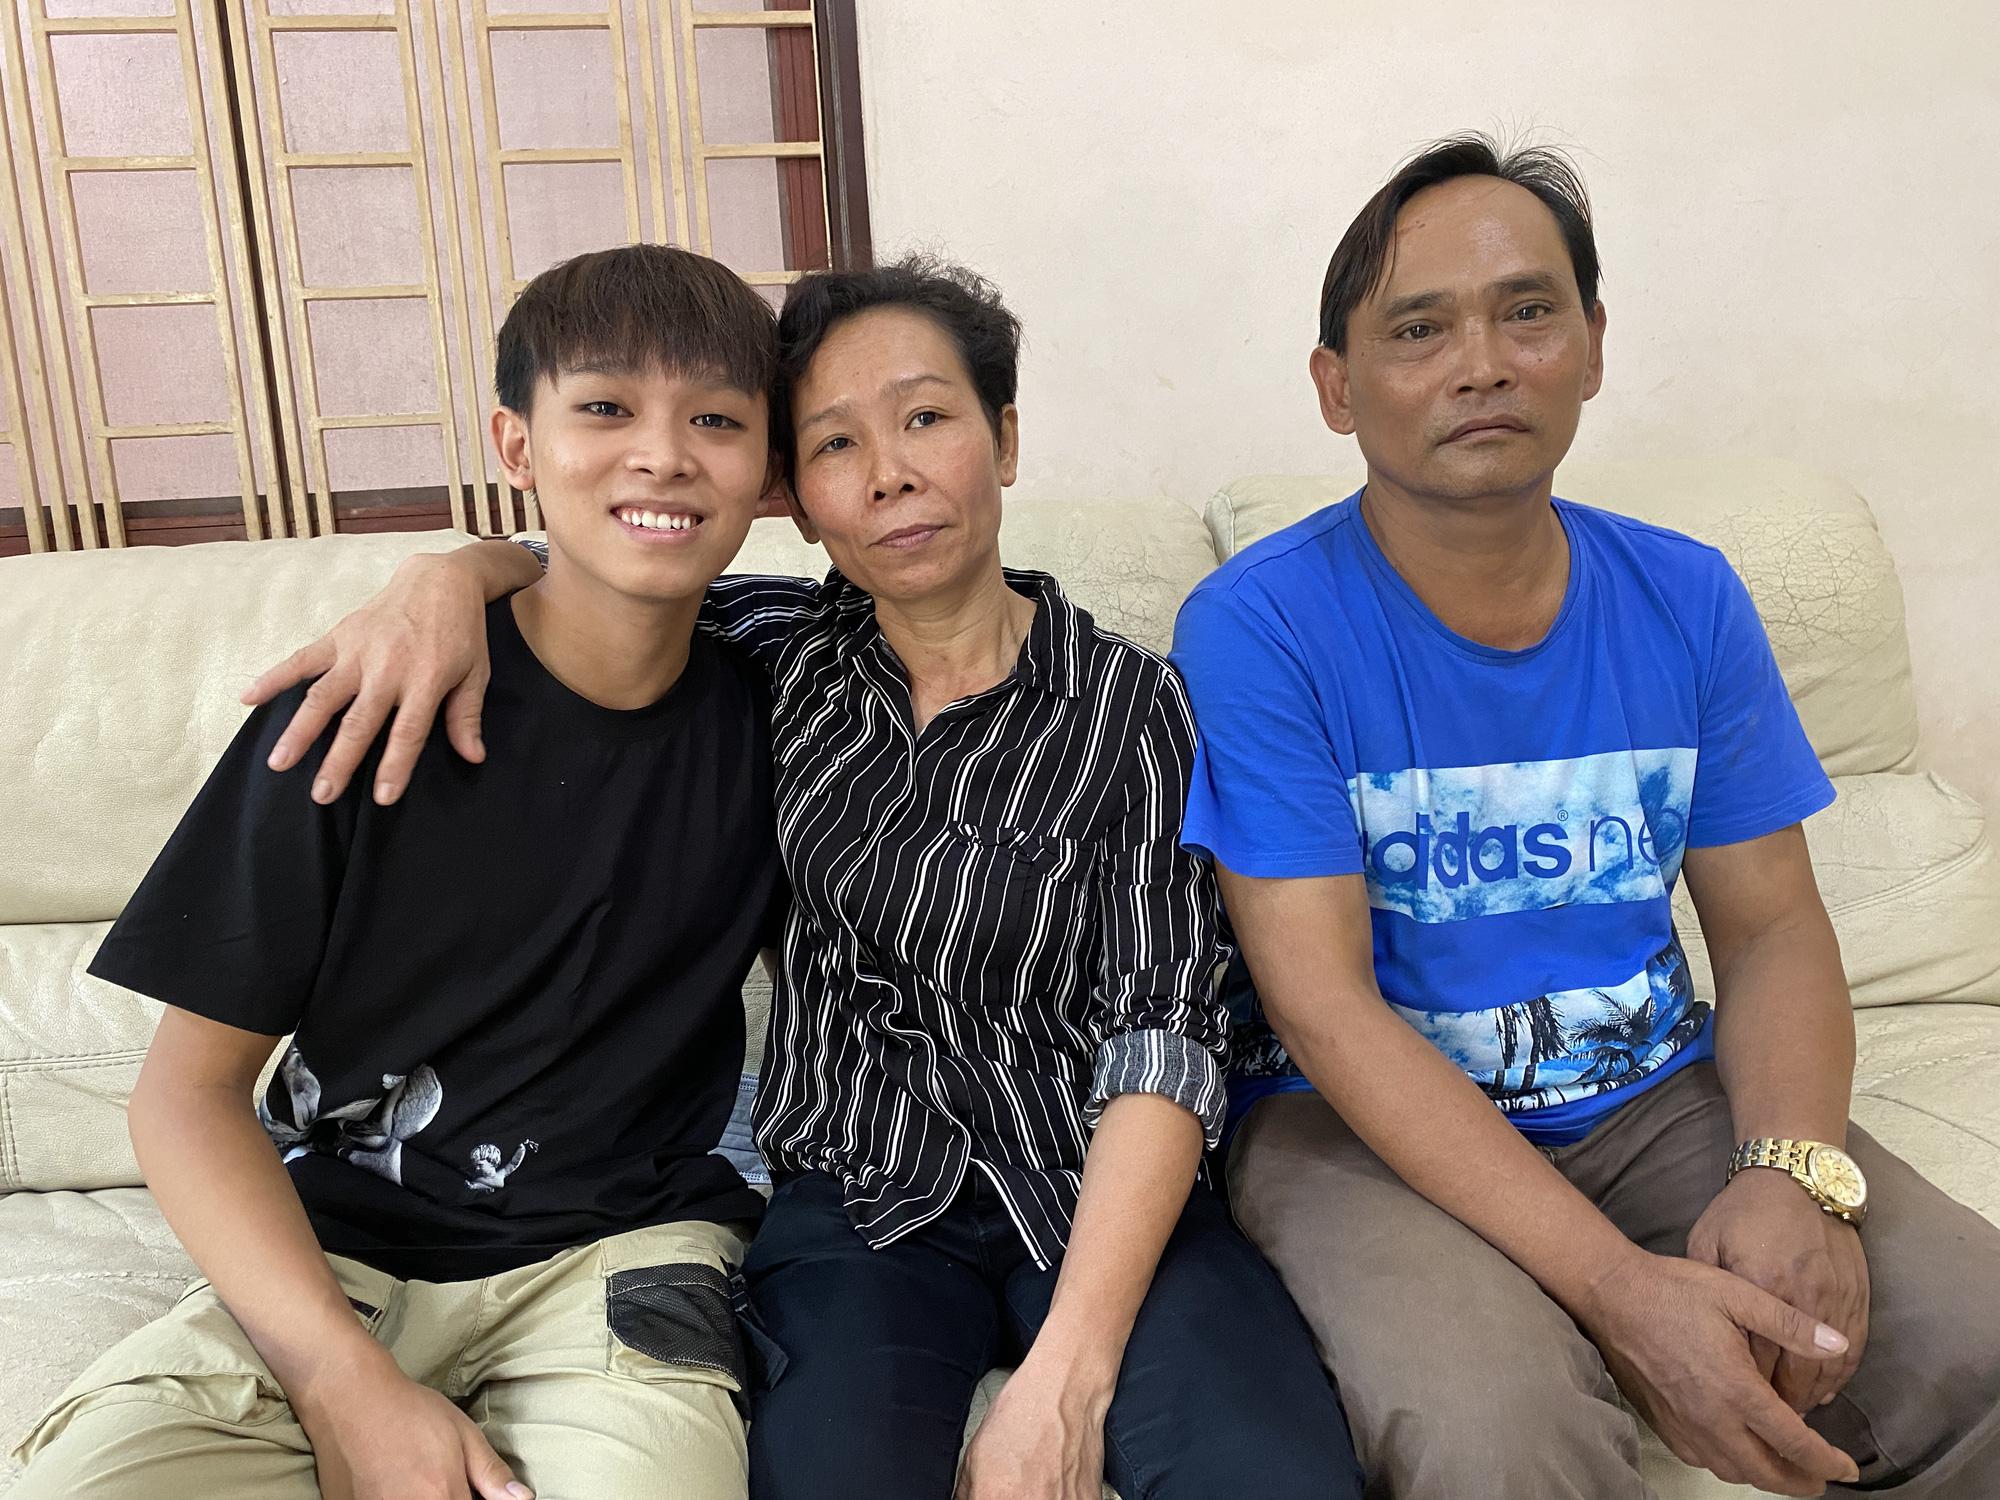 Hồ Văn Cường: Gia đình tôi vẫn êm thấm, mọi người đừng suy diễn nữa! - Báo Người lao động